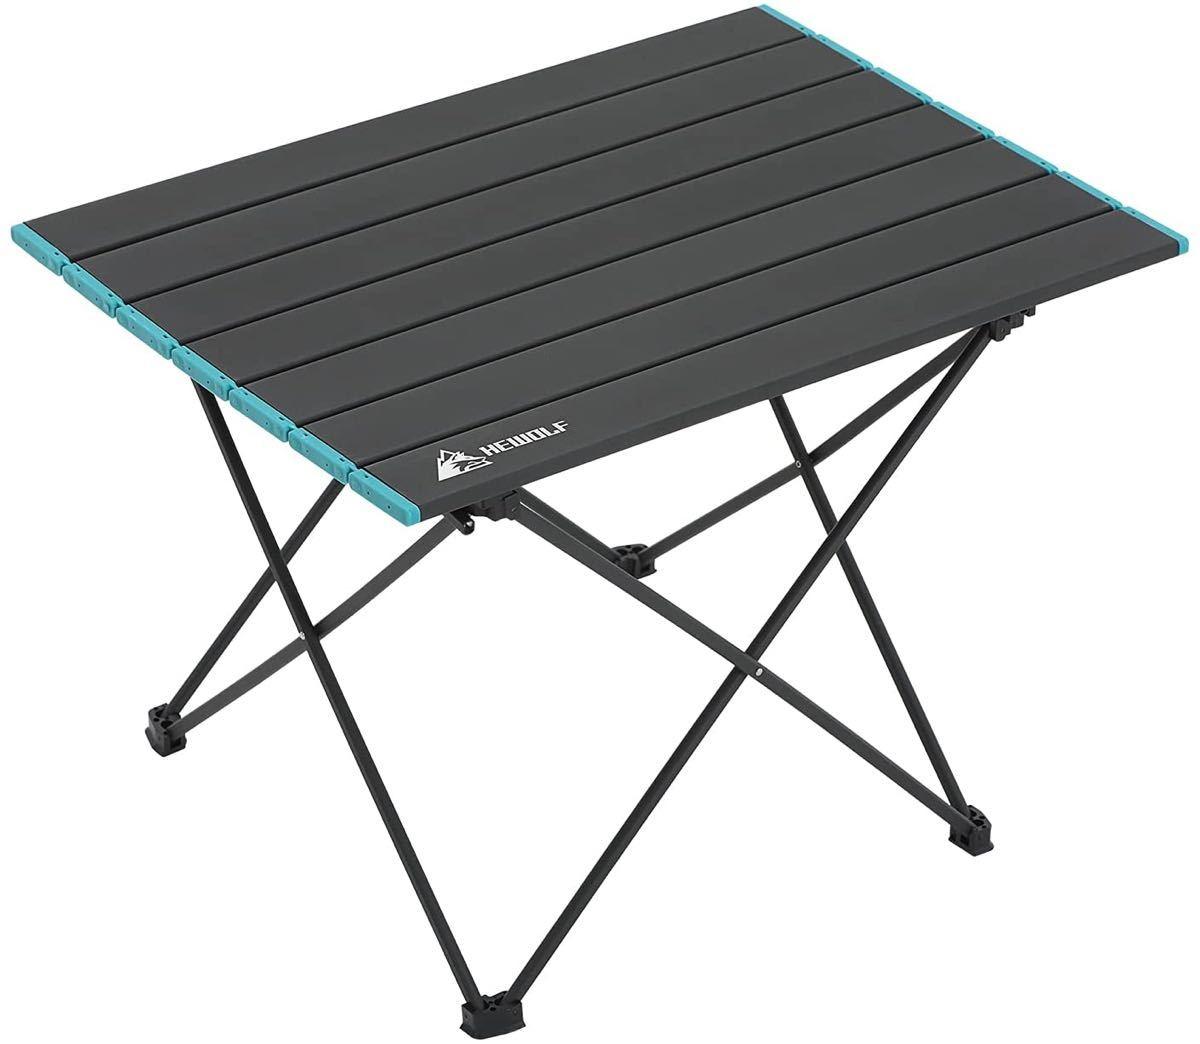 折り畳み式アウトドアテーブル フレーム一体化 収納袋付きアルミ製 組立簡単超軽量